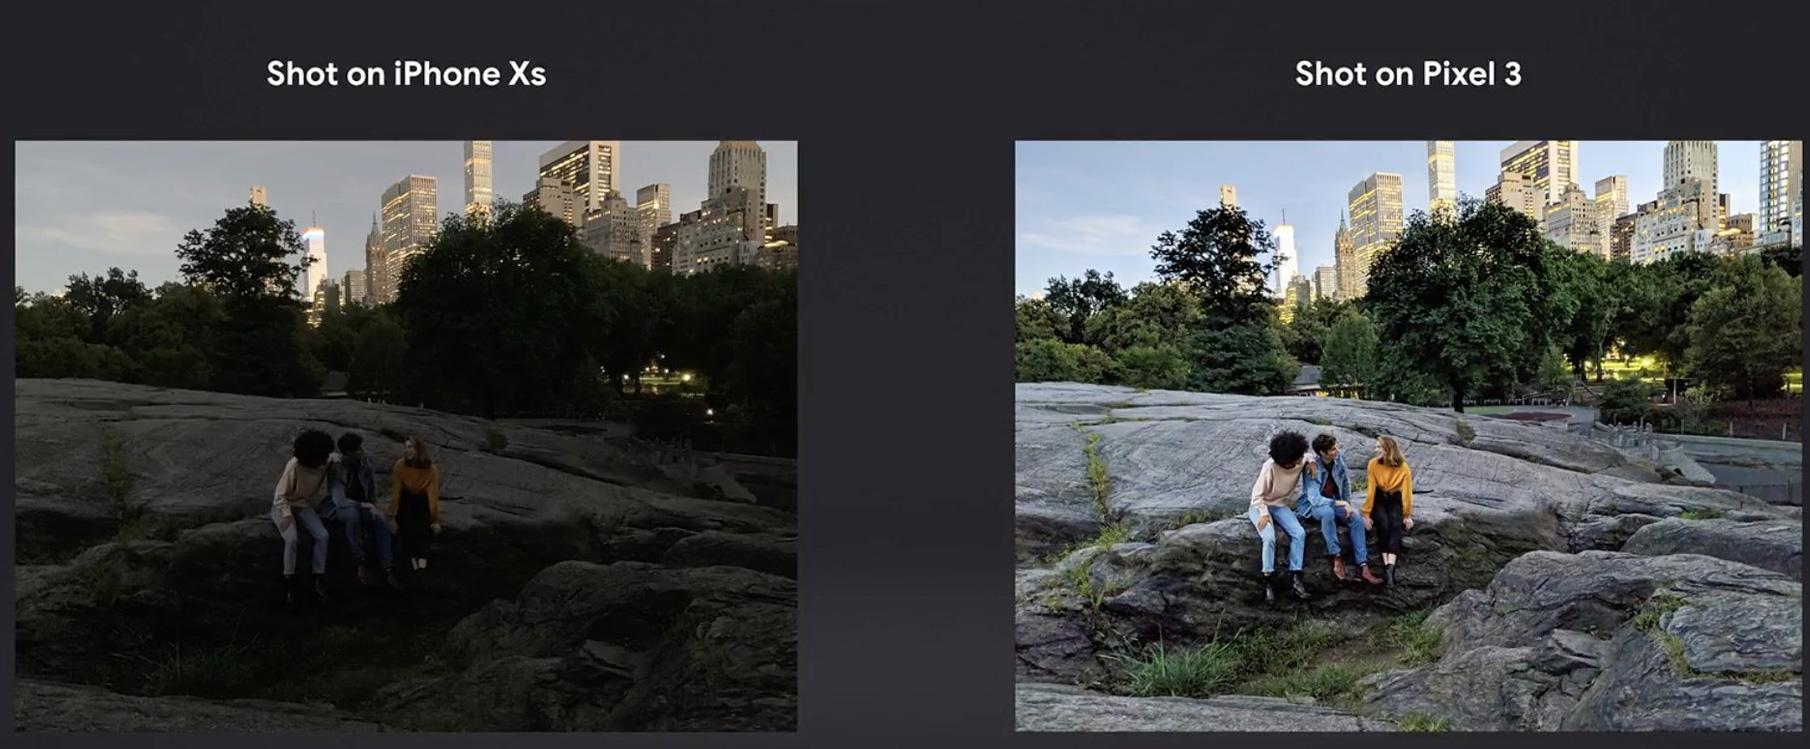 Comparacioón de fotos hechas con un Pixel 3 y un iPhone XS por la noche.